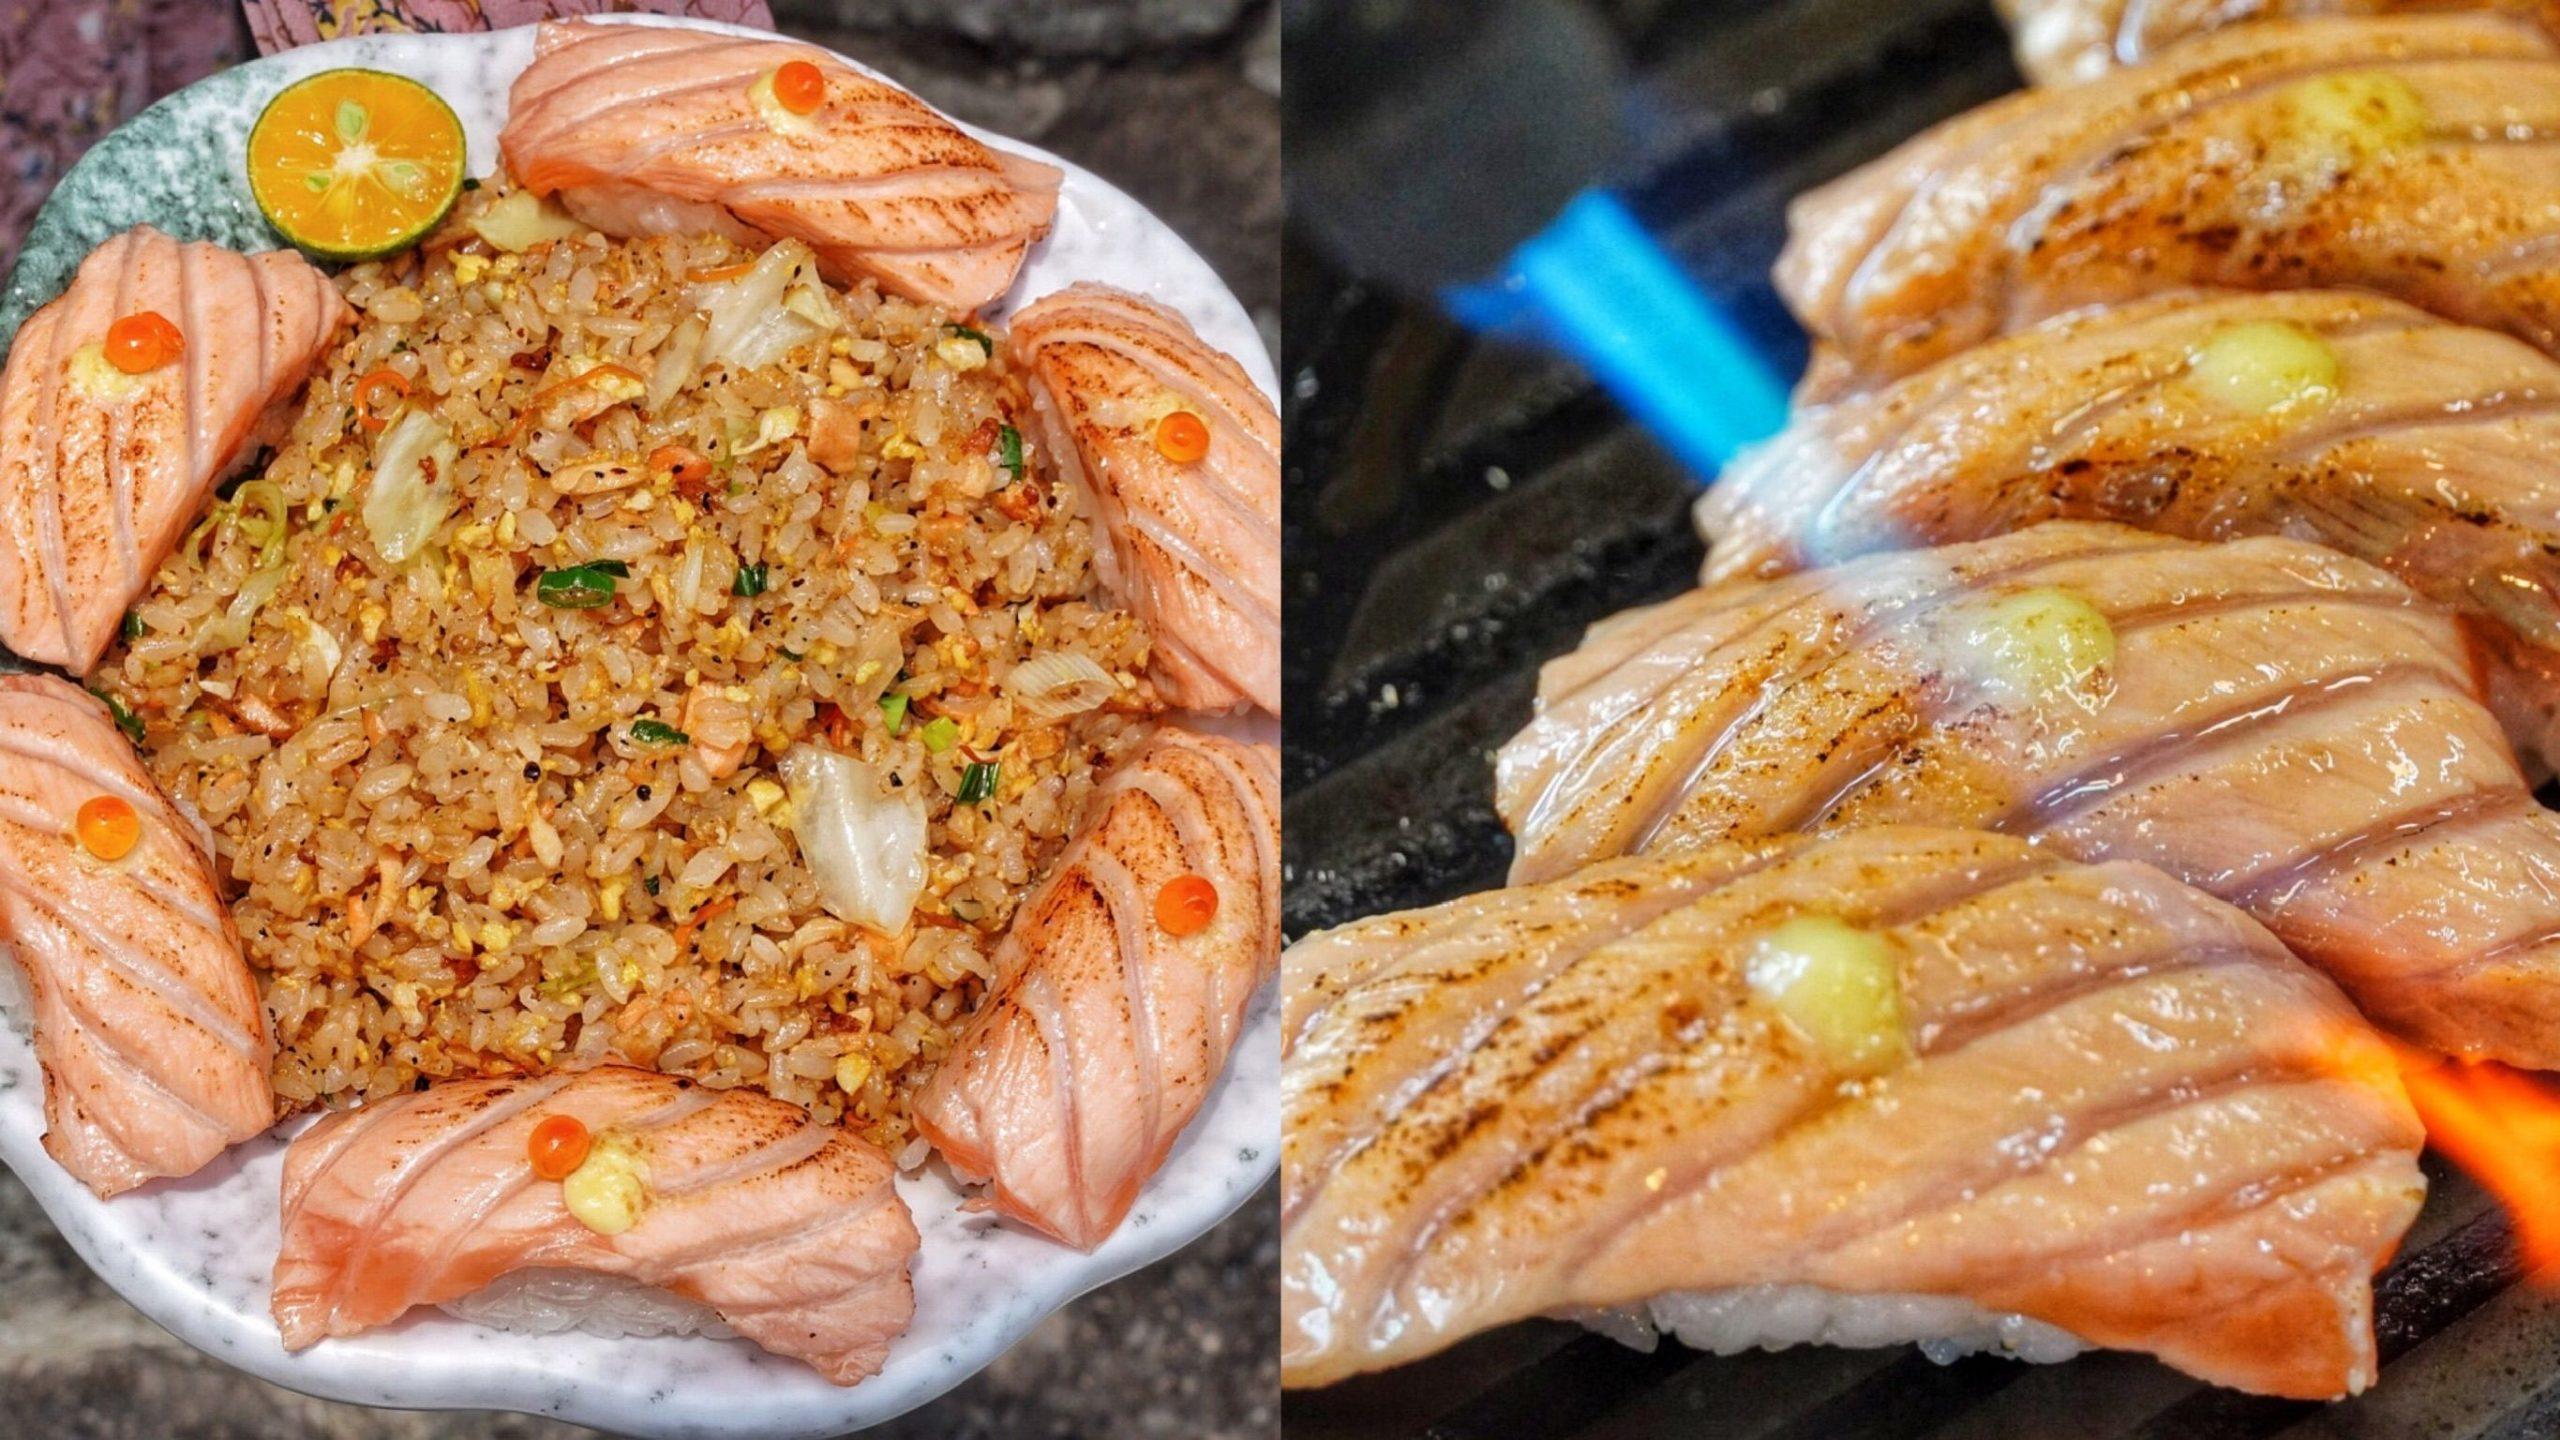 【高雄美食】營業到凌晨的平價日式料理!炙燒鮭魚+炒飯新吃法 餐點選擇近百種 在地人推爆 – 阿文壽司